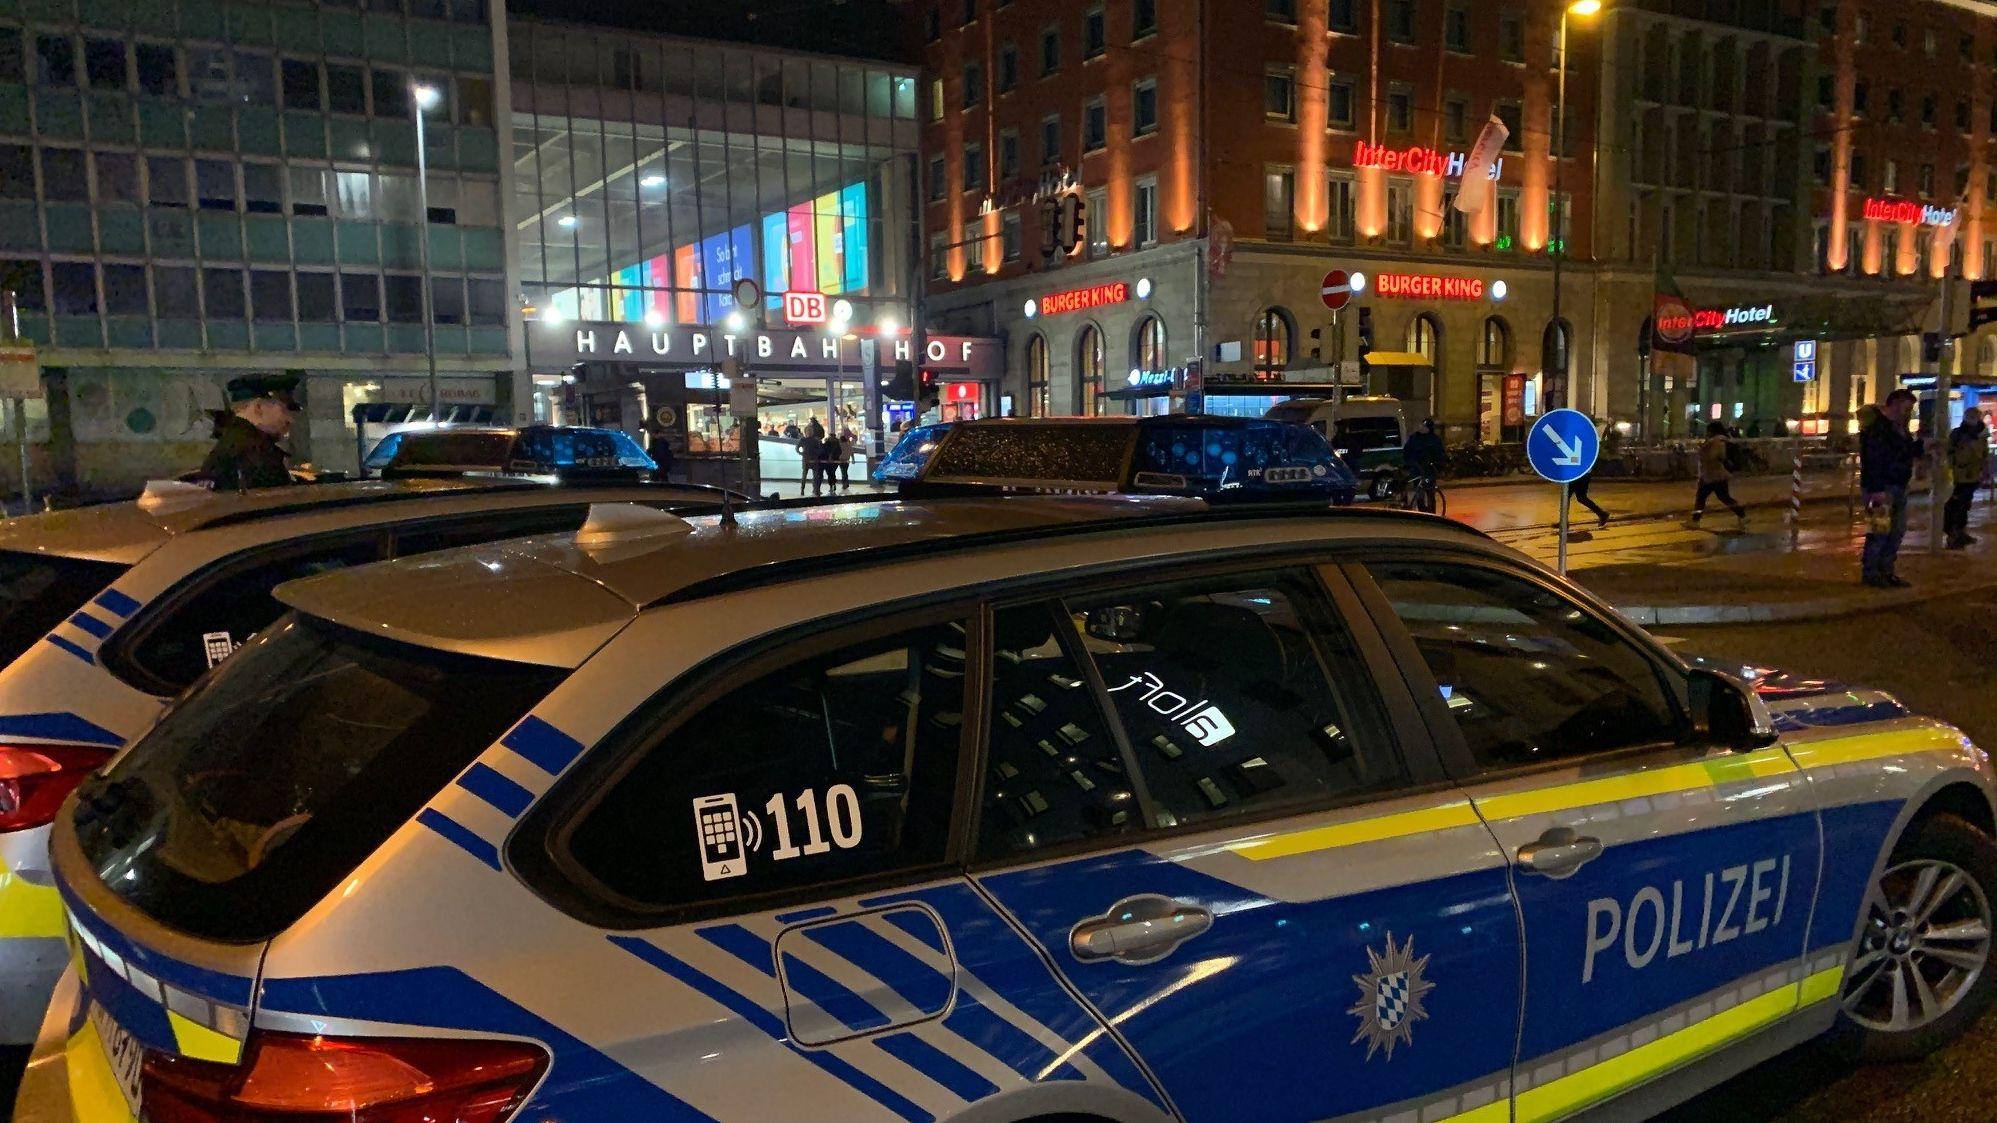 Großeinsatz von Polizei und Feuerwehr am Münchner Hauptbahnhof nach einem mutmaßlichen Unfall.